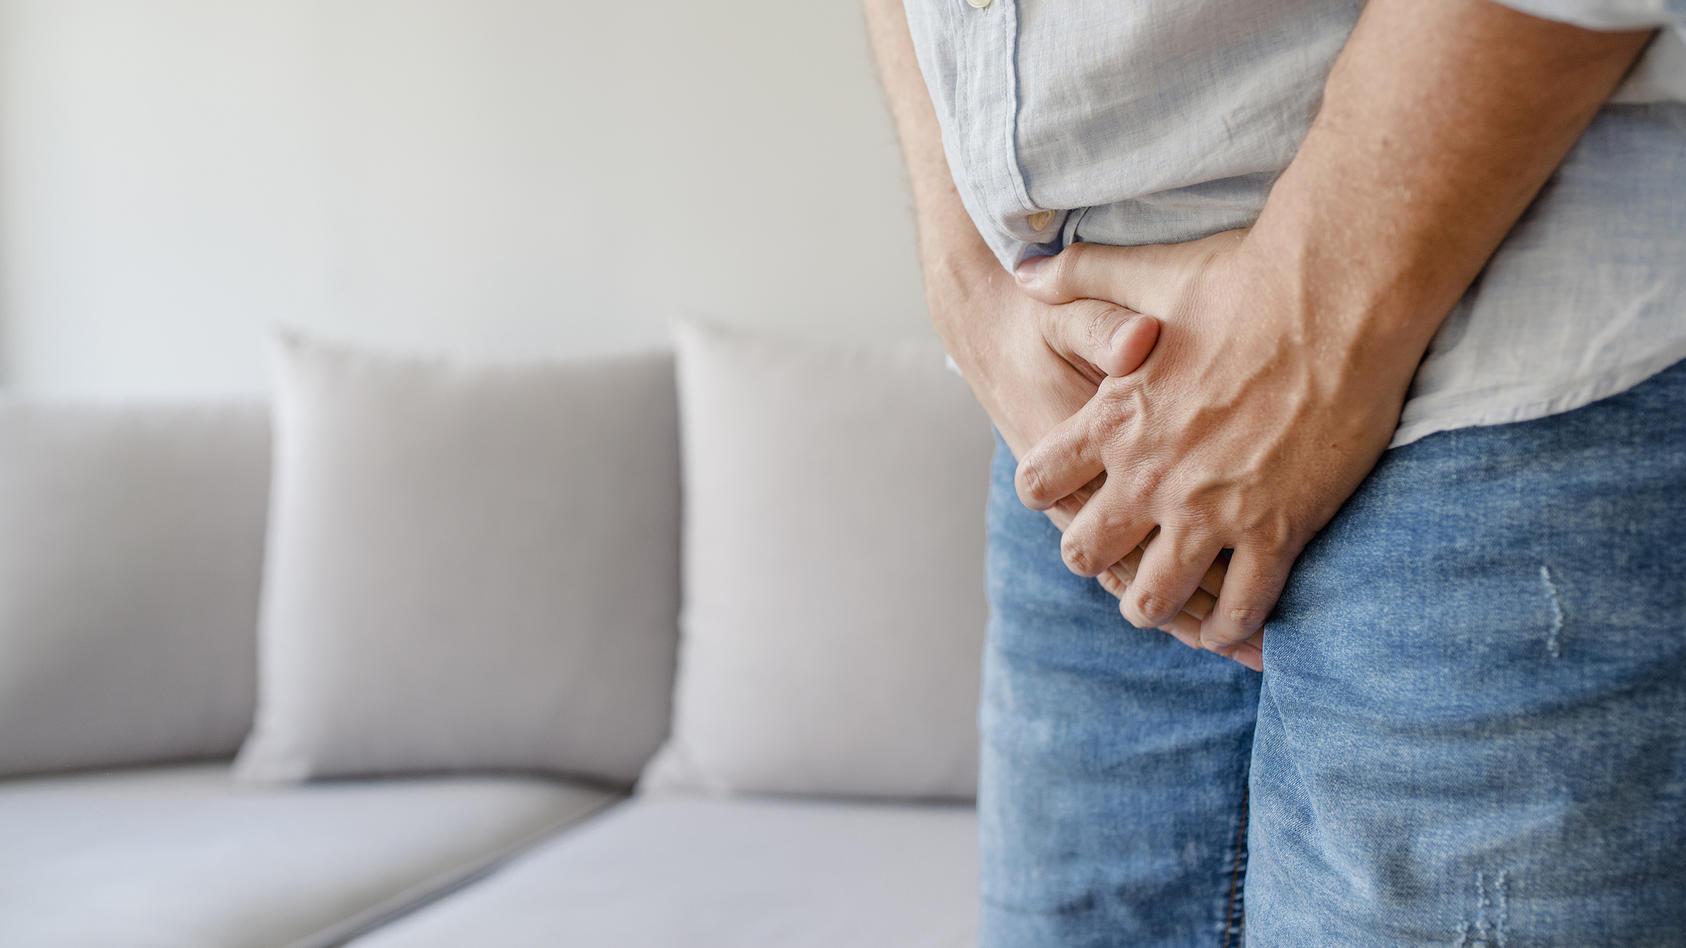 Bei einer Hodentorsion verdreht sich der Hoden am Samenstrang. Das ist sehr schmerzhaft, der Hoden kann absterben